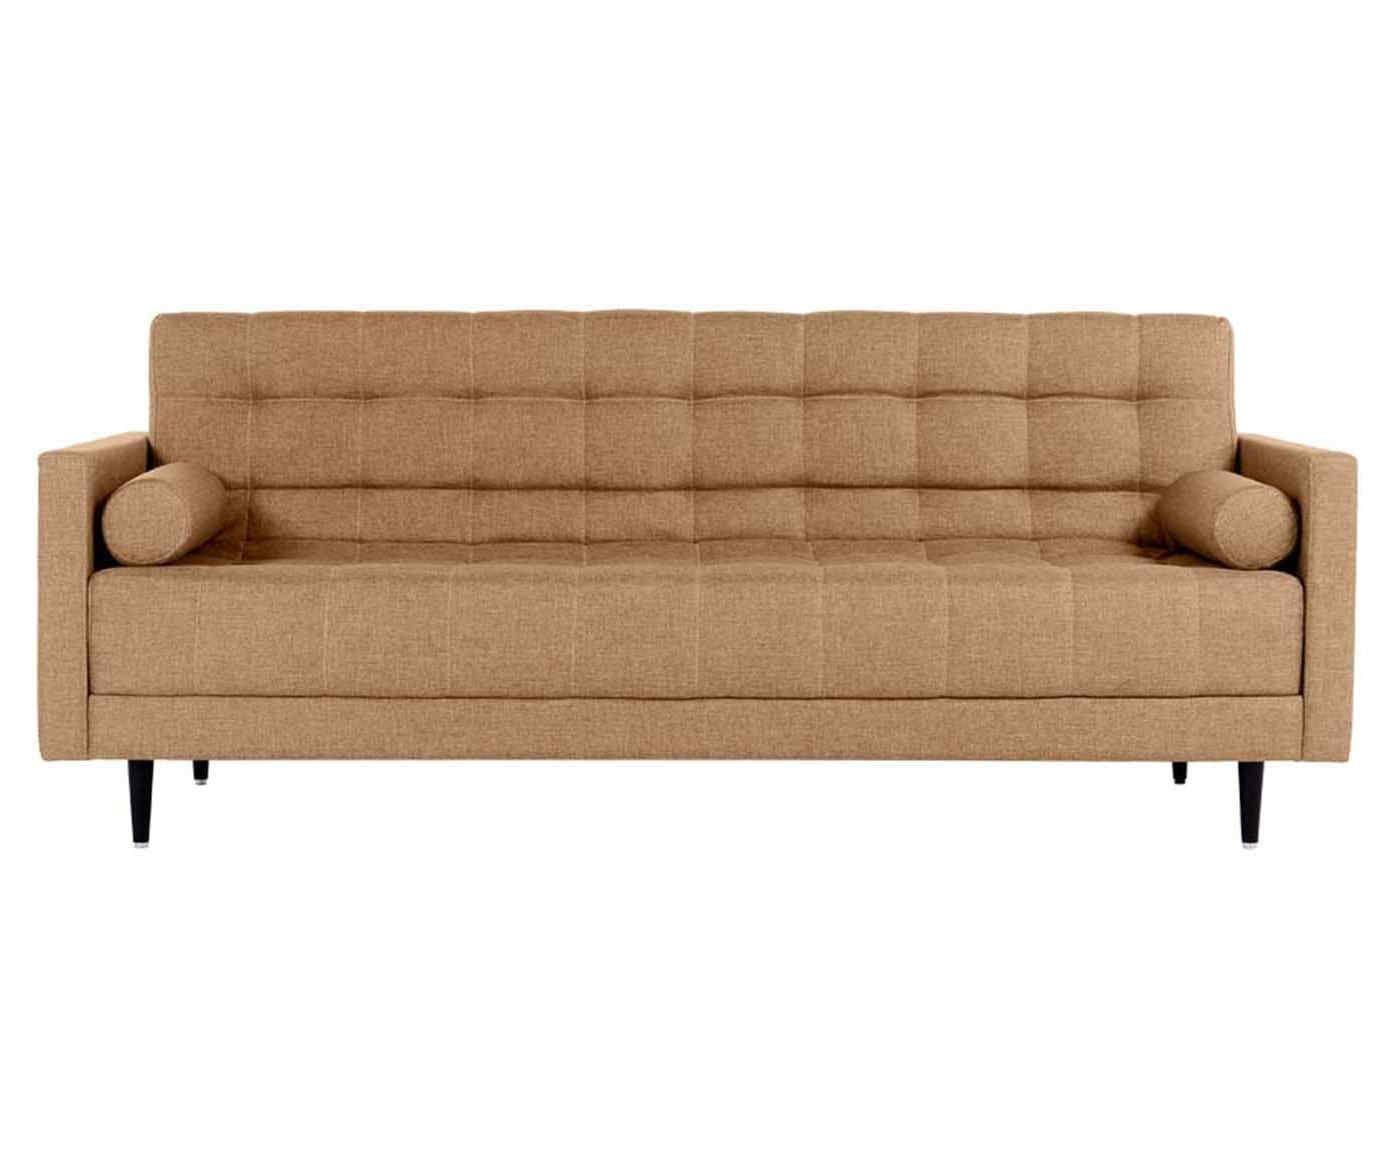 Sofá-cama viena linho - creme   Westwing.com.br